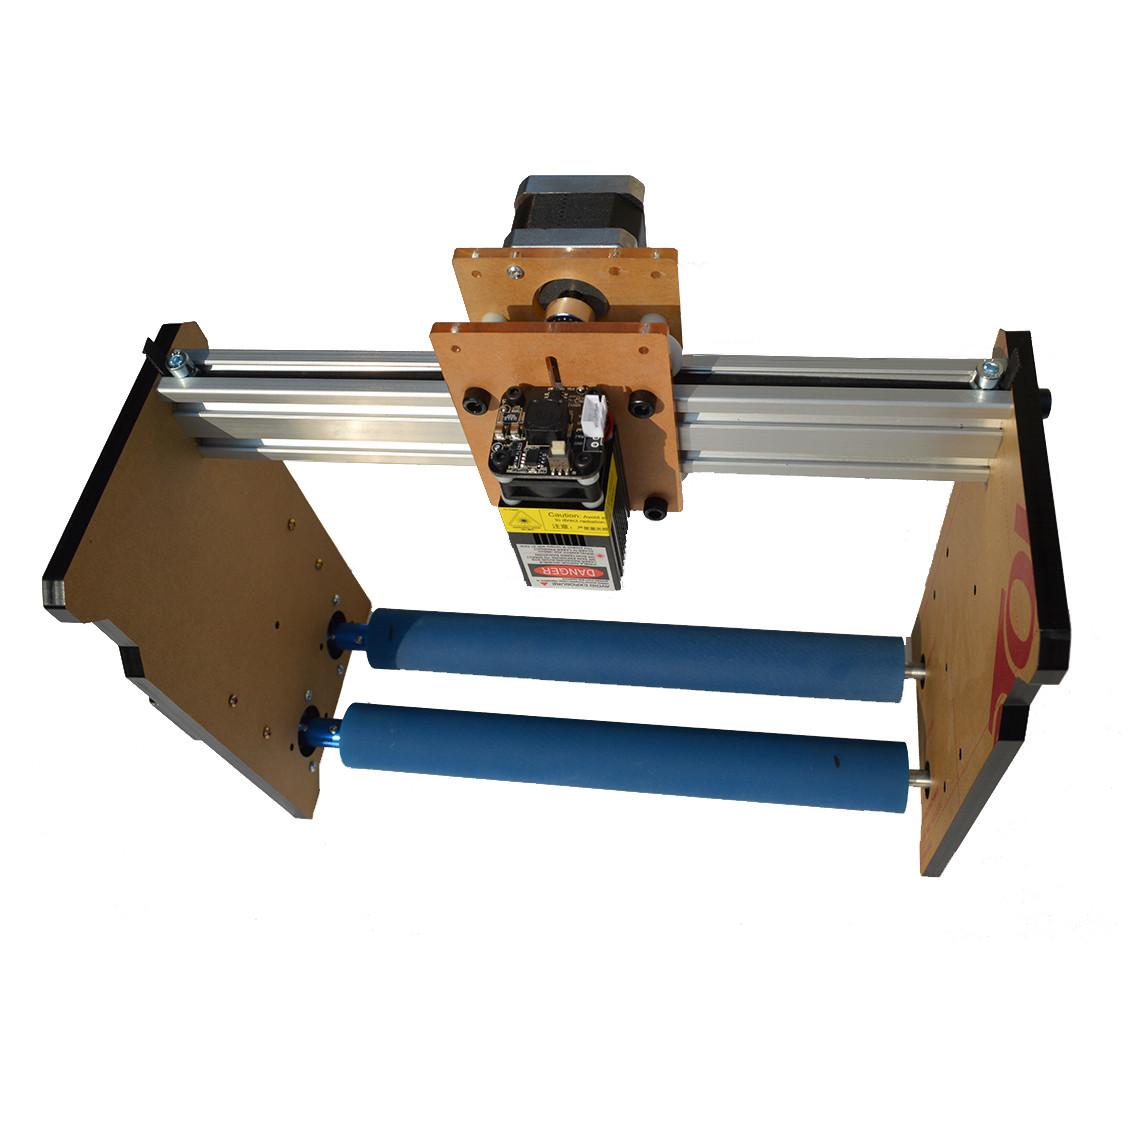 Rotary 2500mW Лазер Гравировочная машина Круглый цилиндр Колонка Объект DIY Лазер Гравировальный принтер 1TopShop